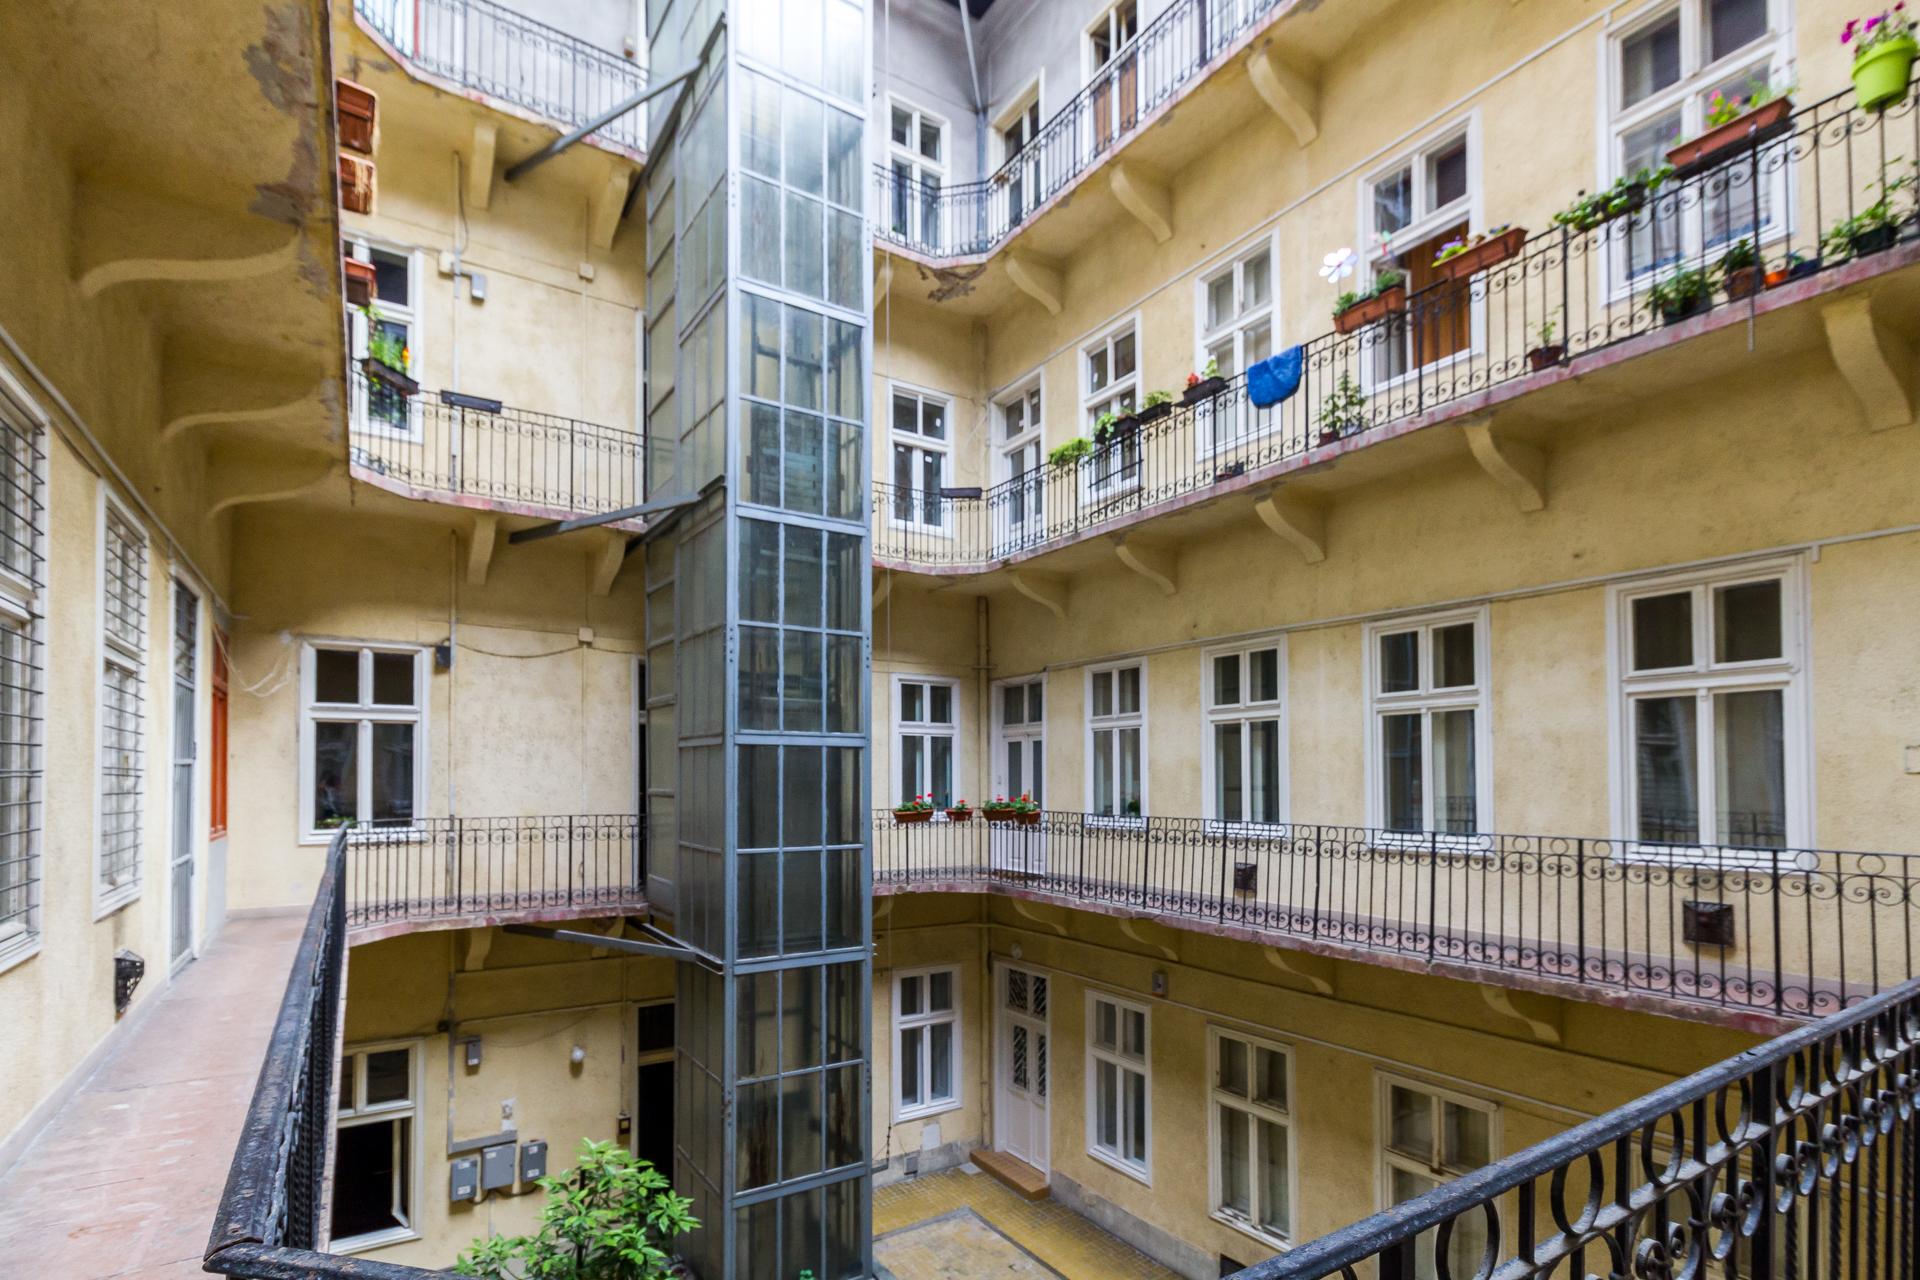 District 5, Kálmán Imre utca 23